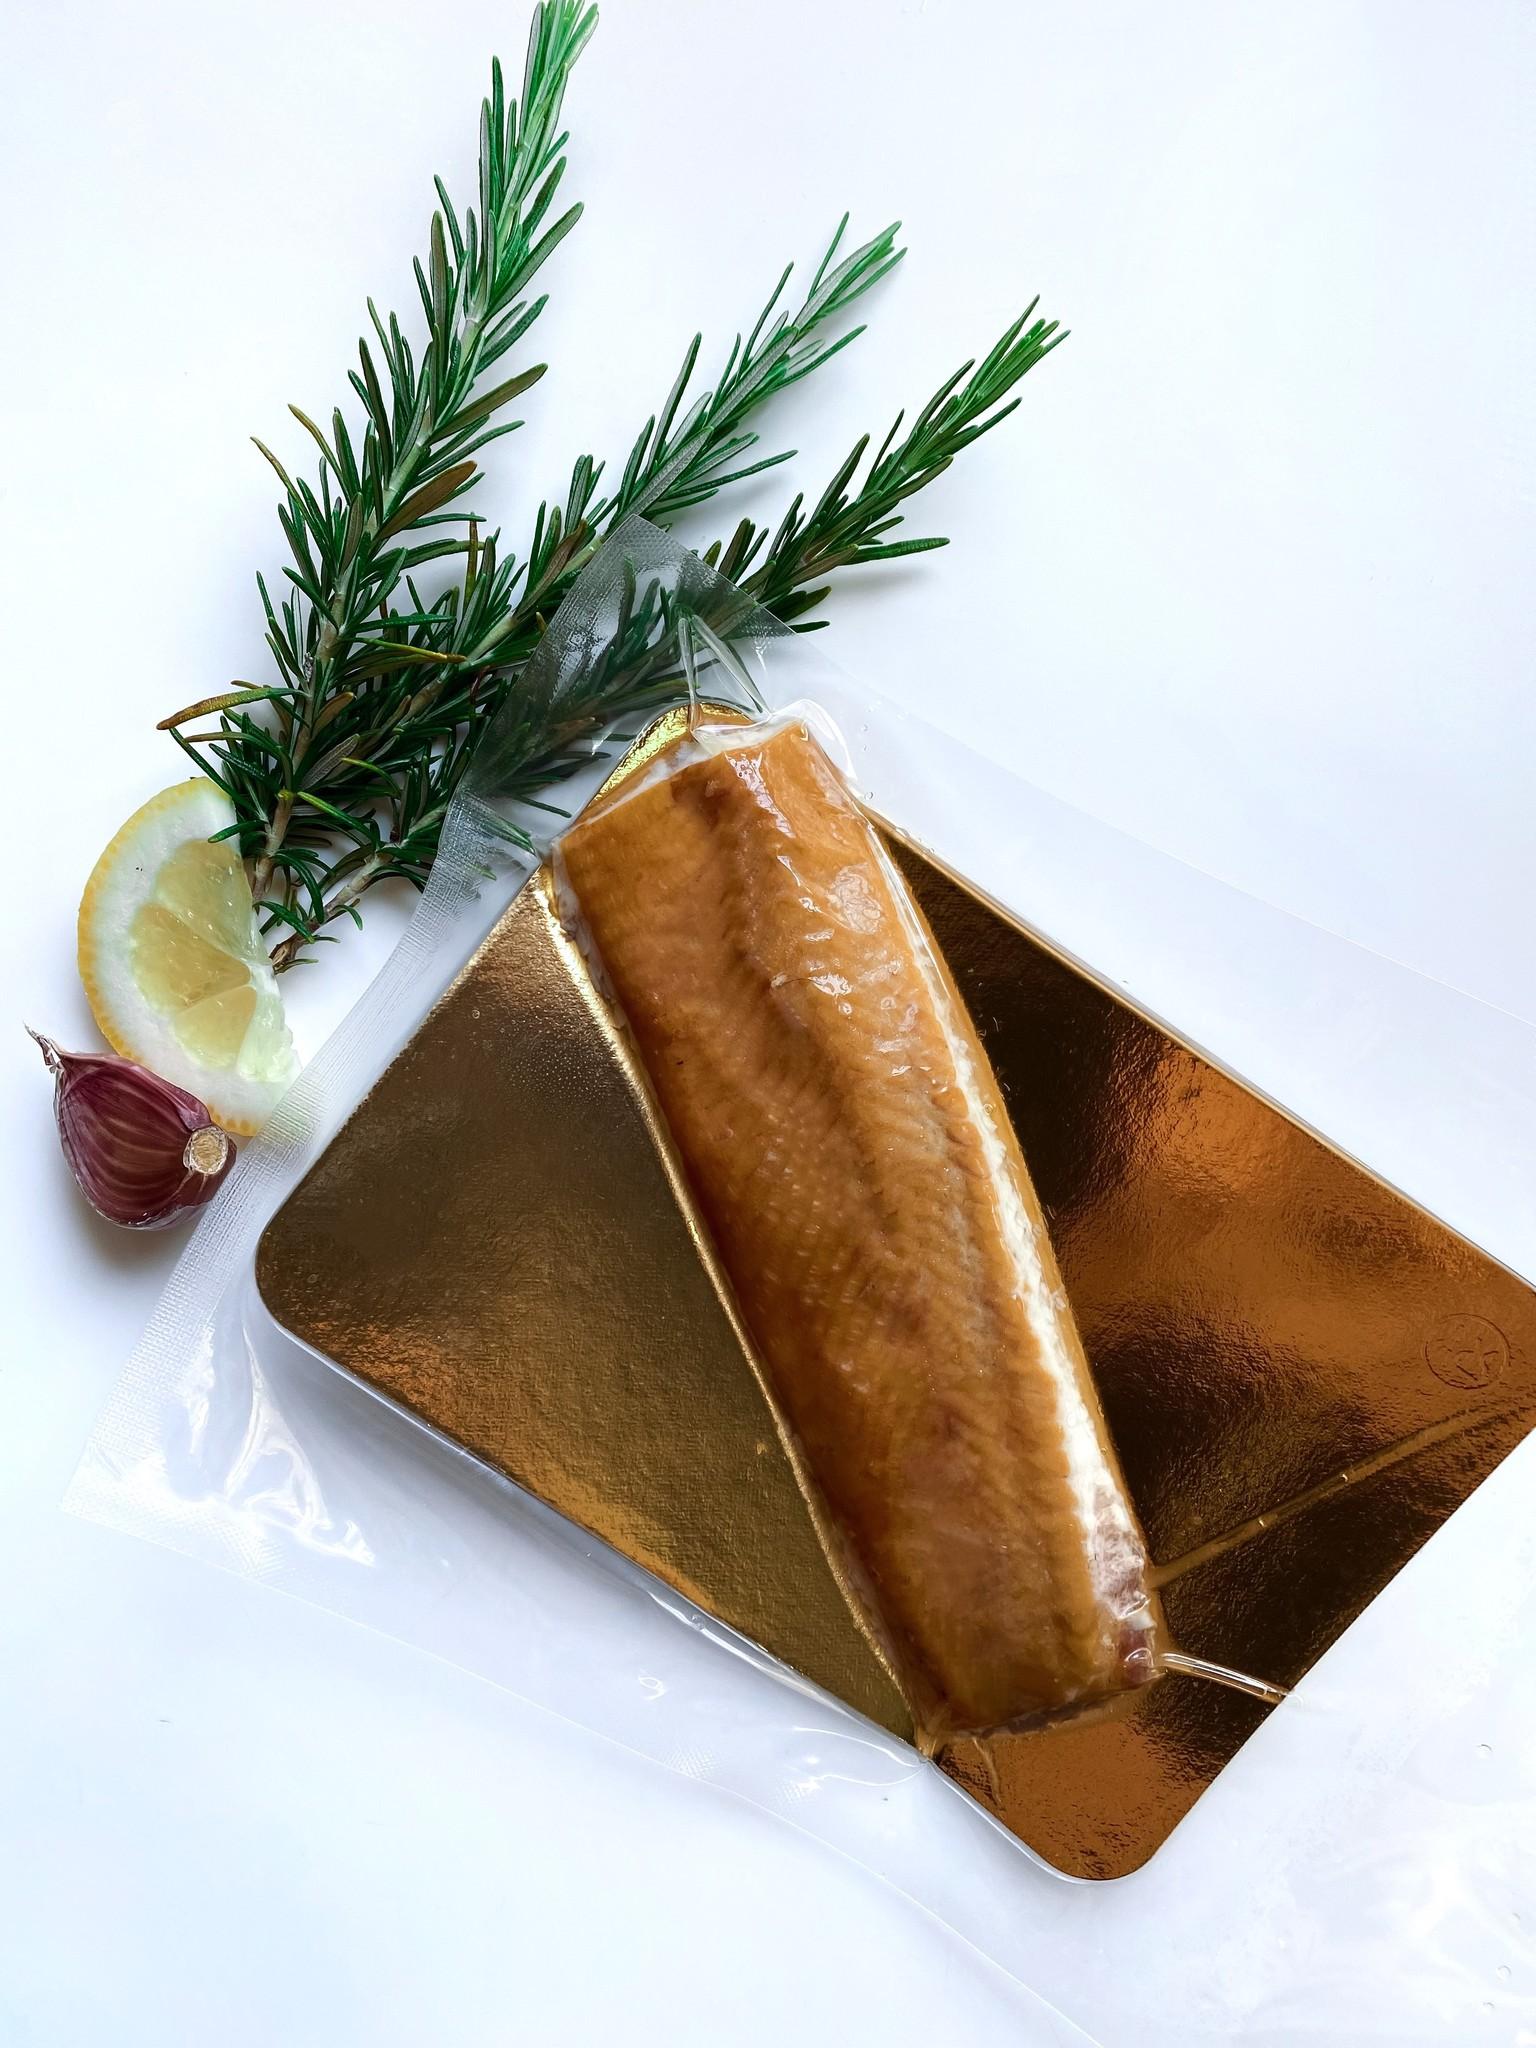 Filete de esturión ahumado en caliente.